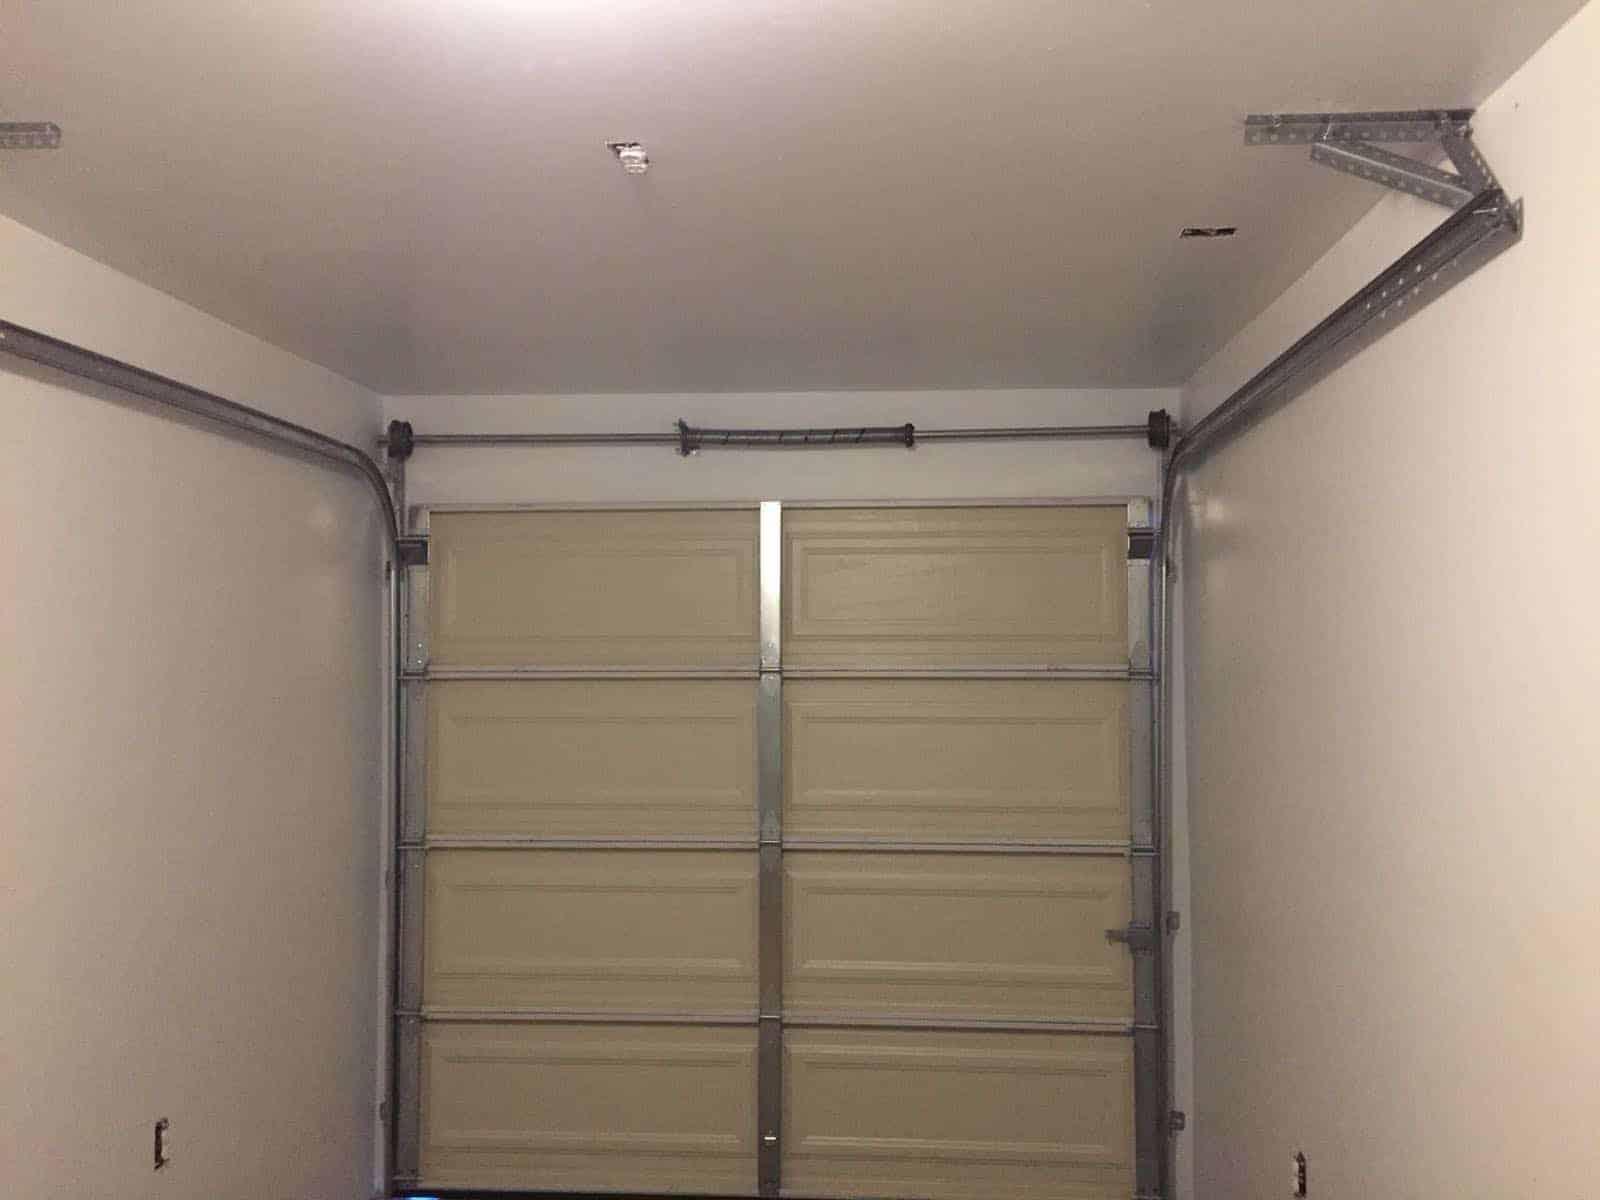 Garage Door Repair For Marvelous Services In Granite Falls